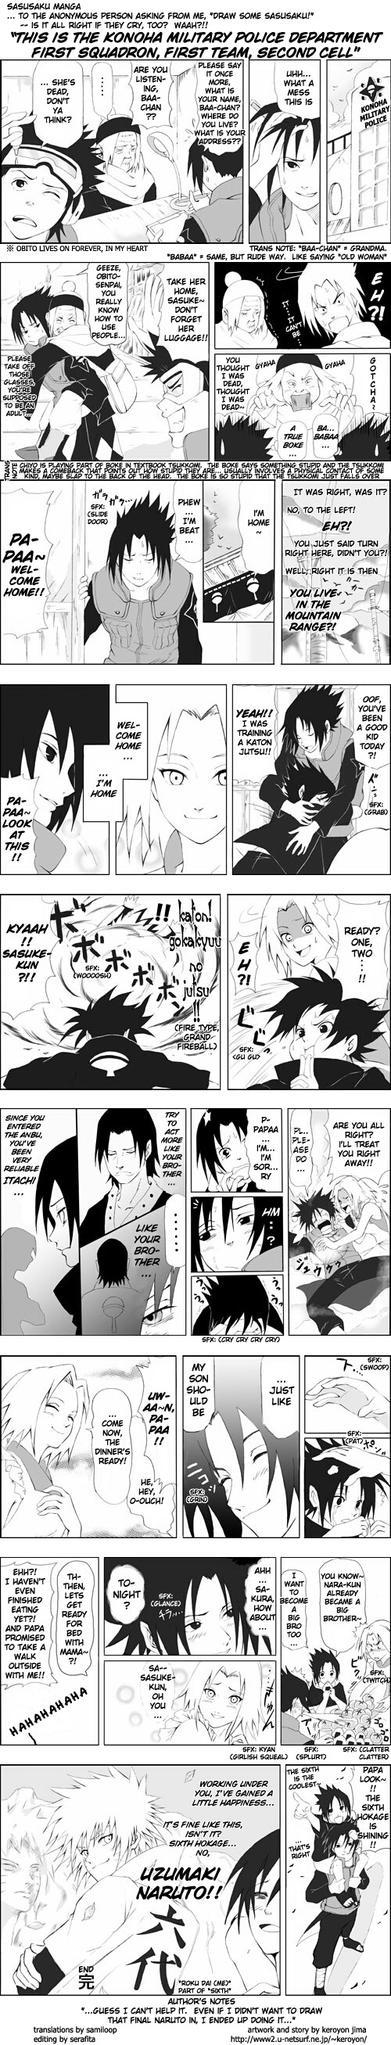 If Sasuke never left... by Muzakcube64